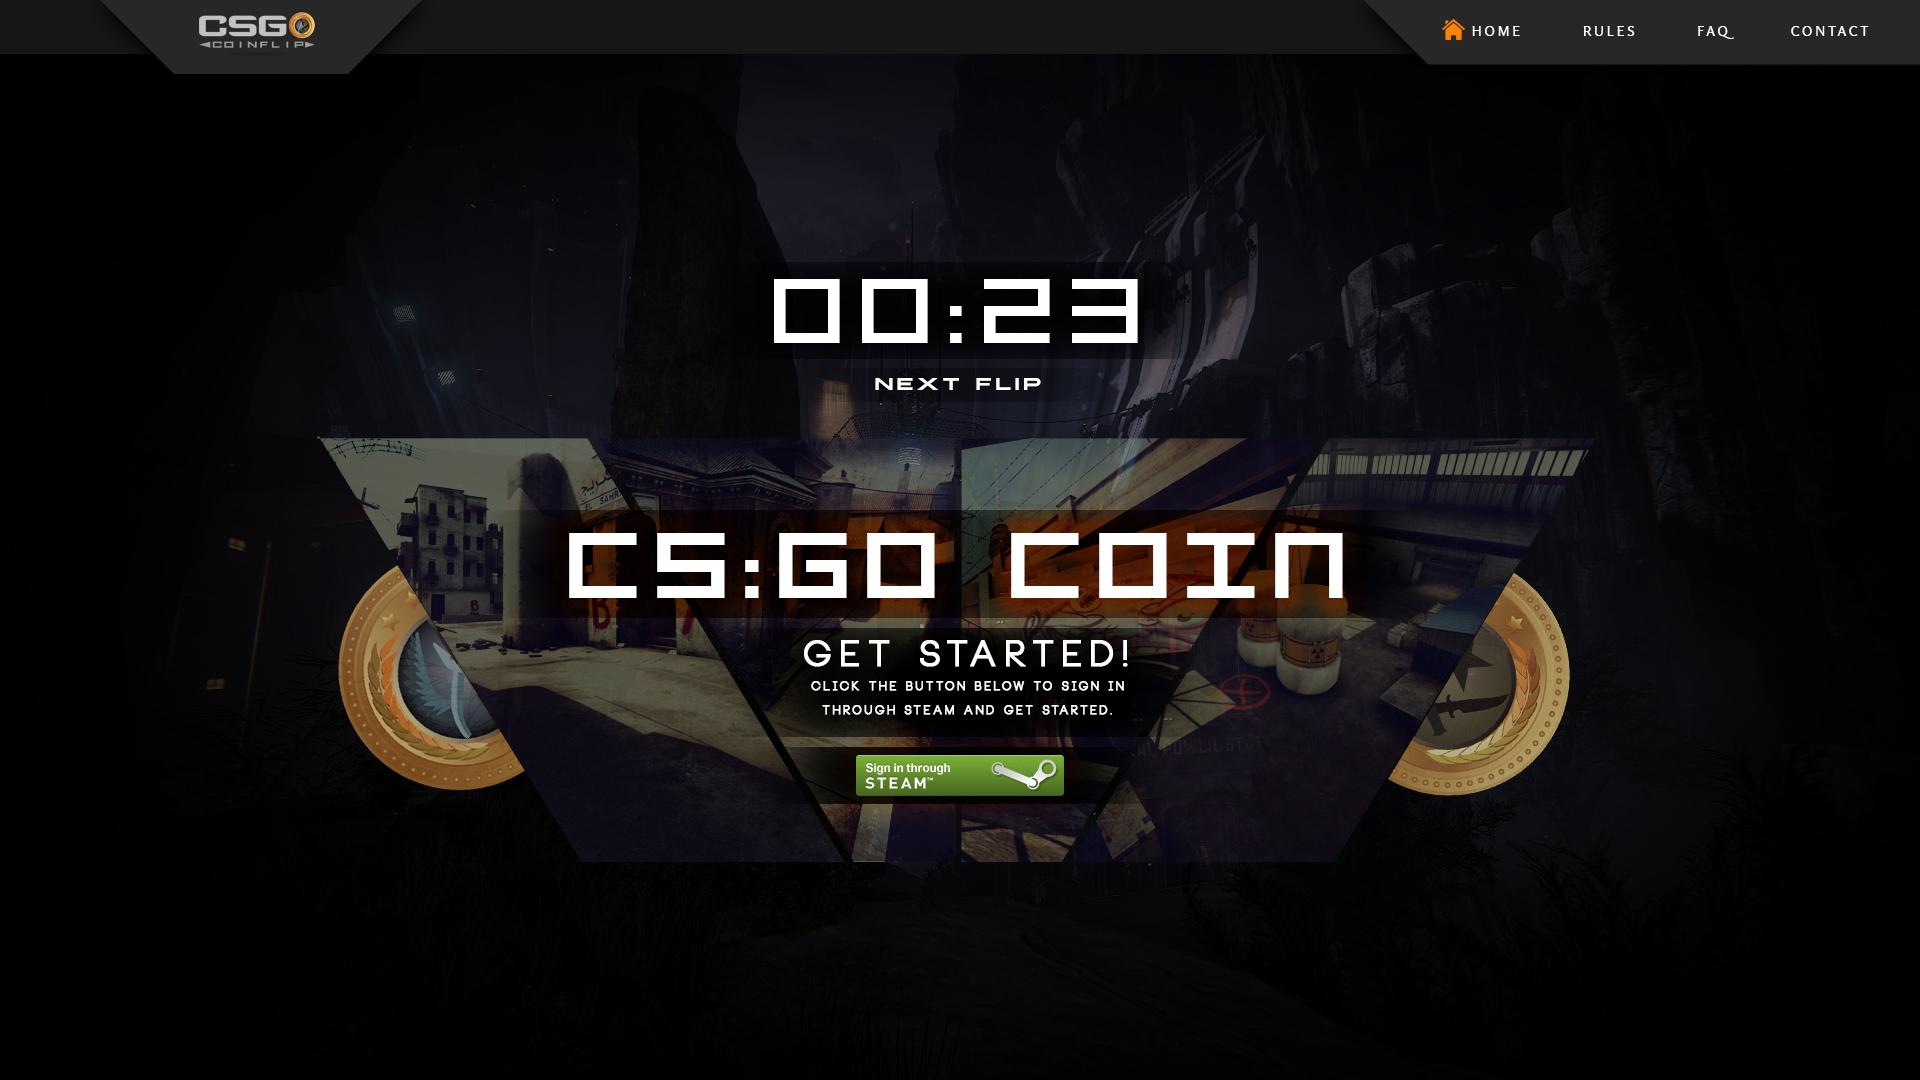 Csgo house coin flip jobs / Icoo coin 30